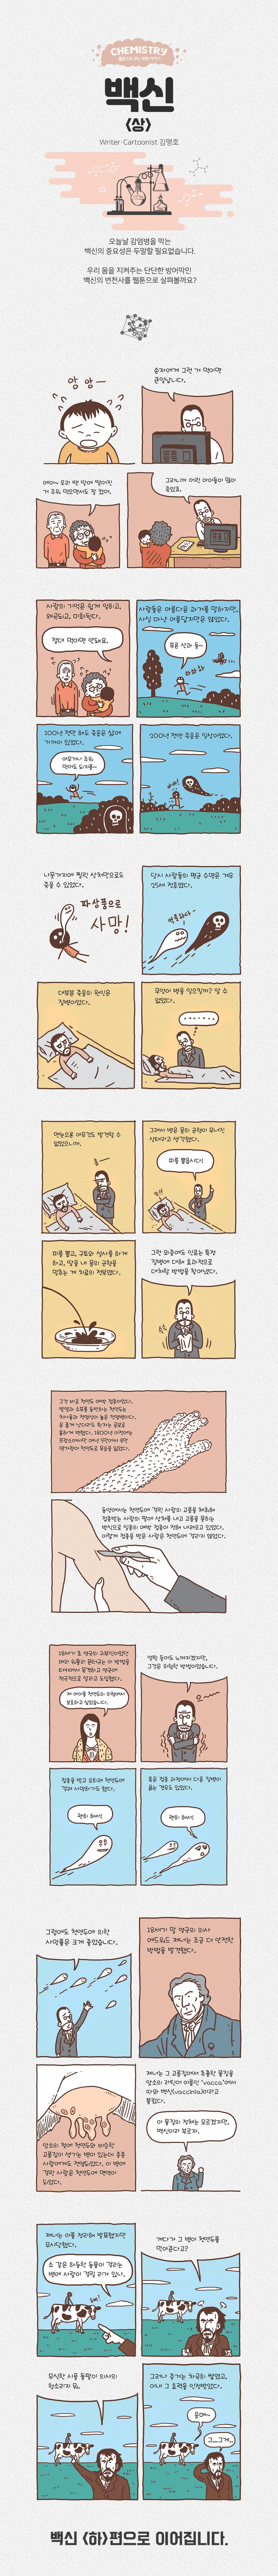 웹툰으로 보는 화학사 상 본문